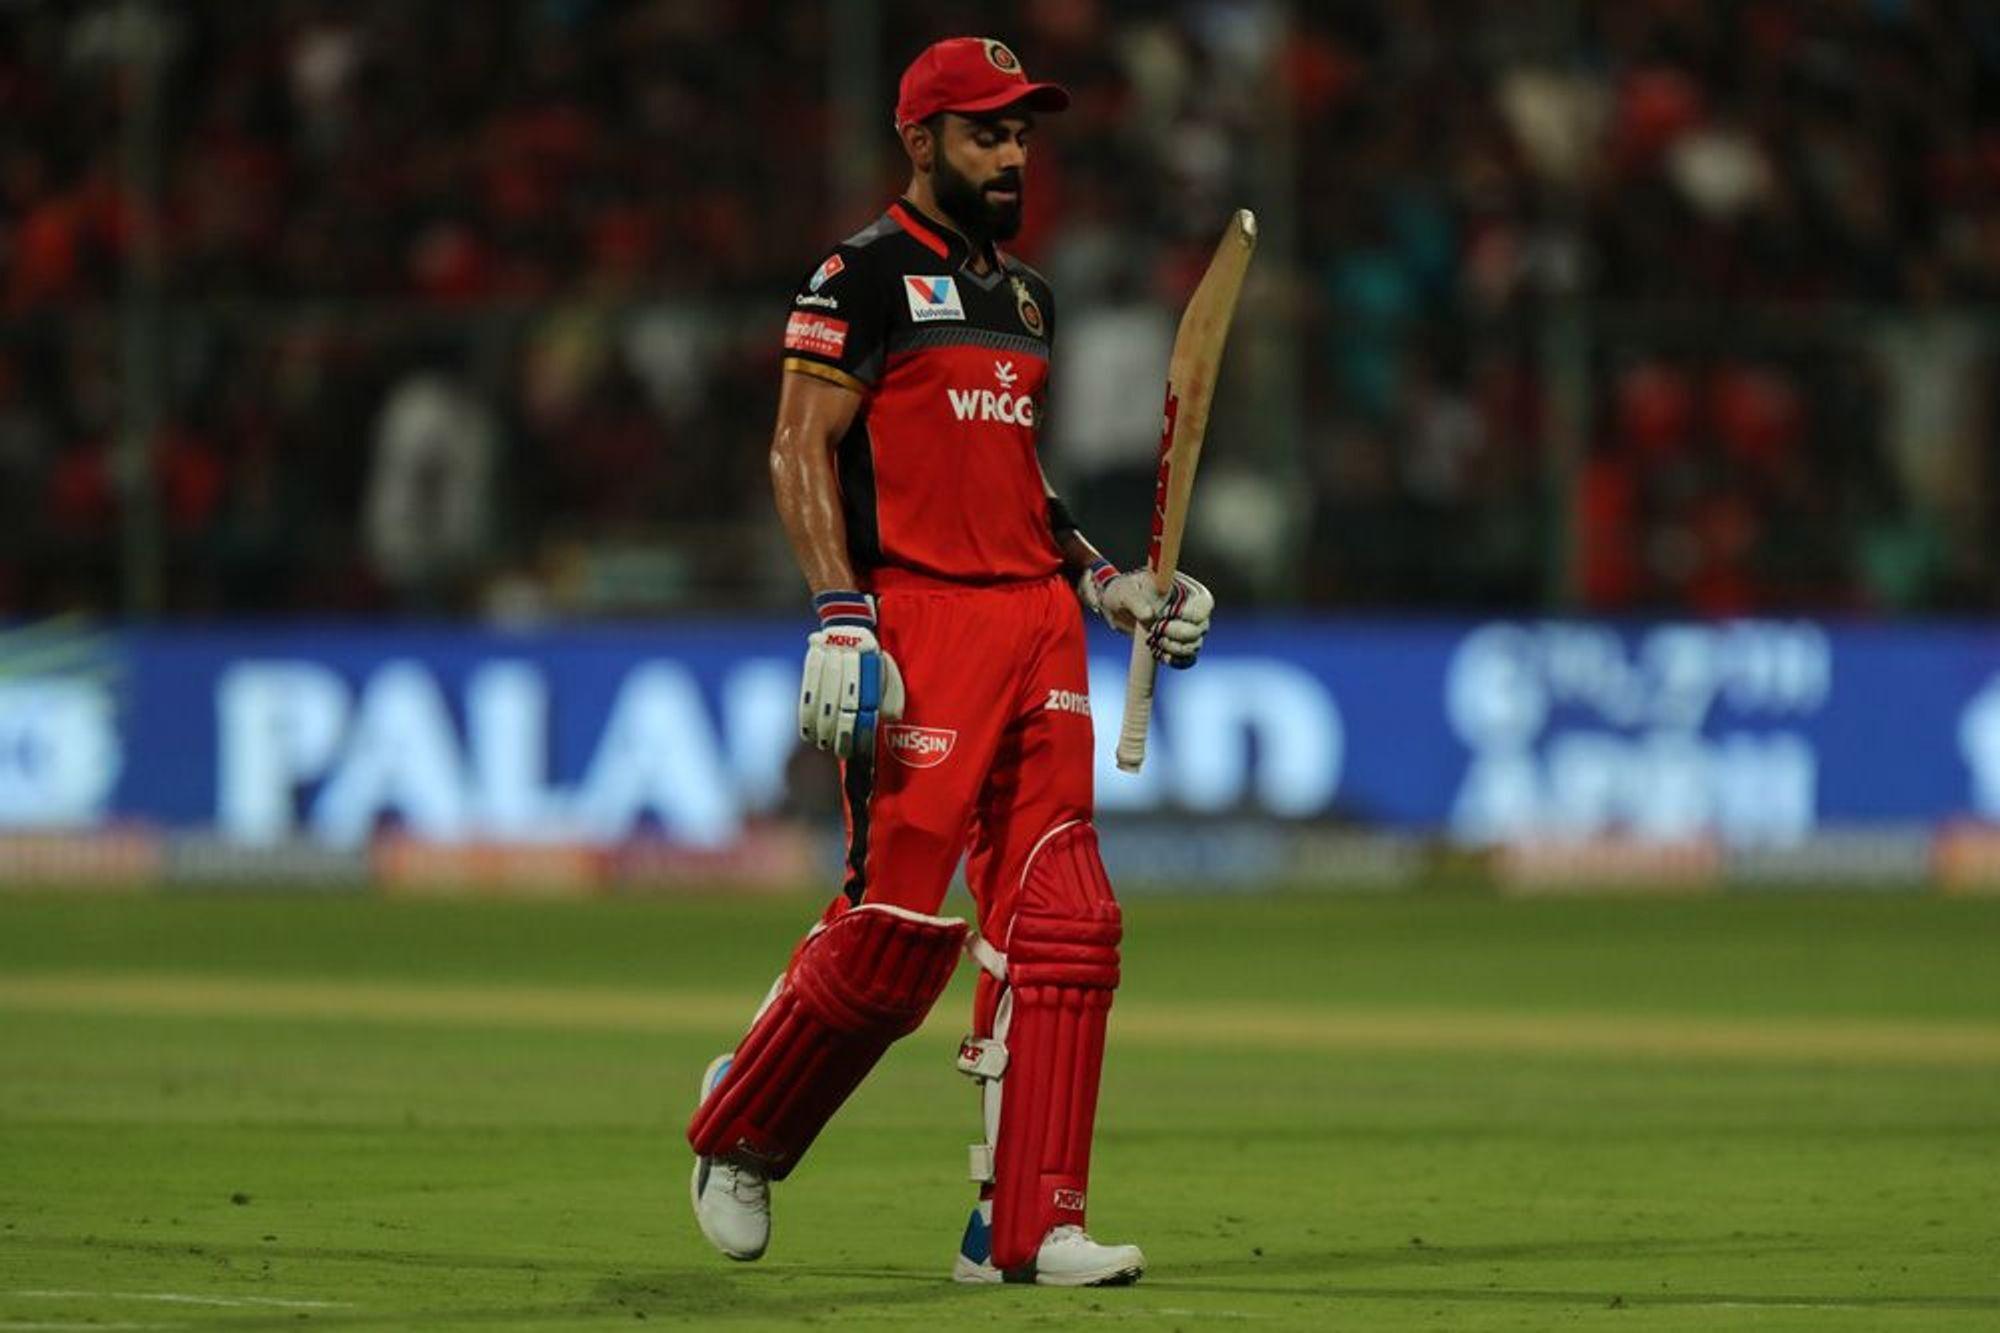 आईपीएल 2019 : लगातार 5 मैच हारने के बाद आईपीएल के सबस नाकामयाब खिलाड़ी बने विराट कोहली, इन्हें भी छोड़ा पीछे 11